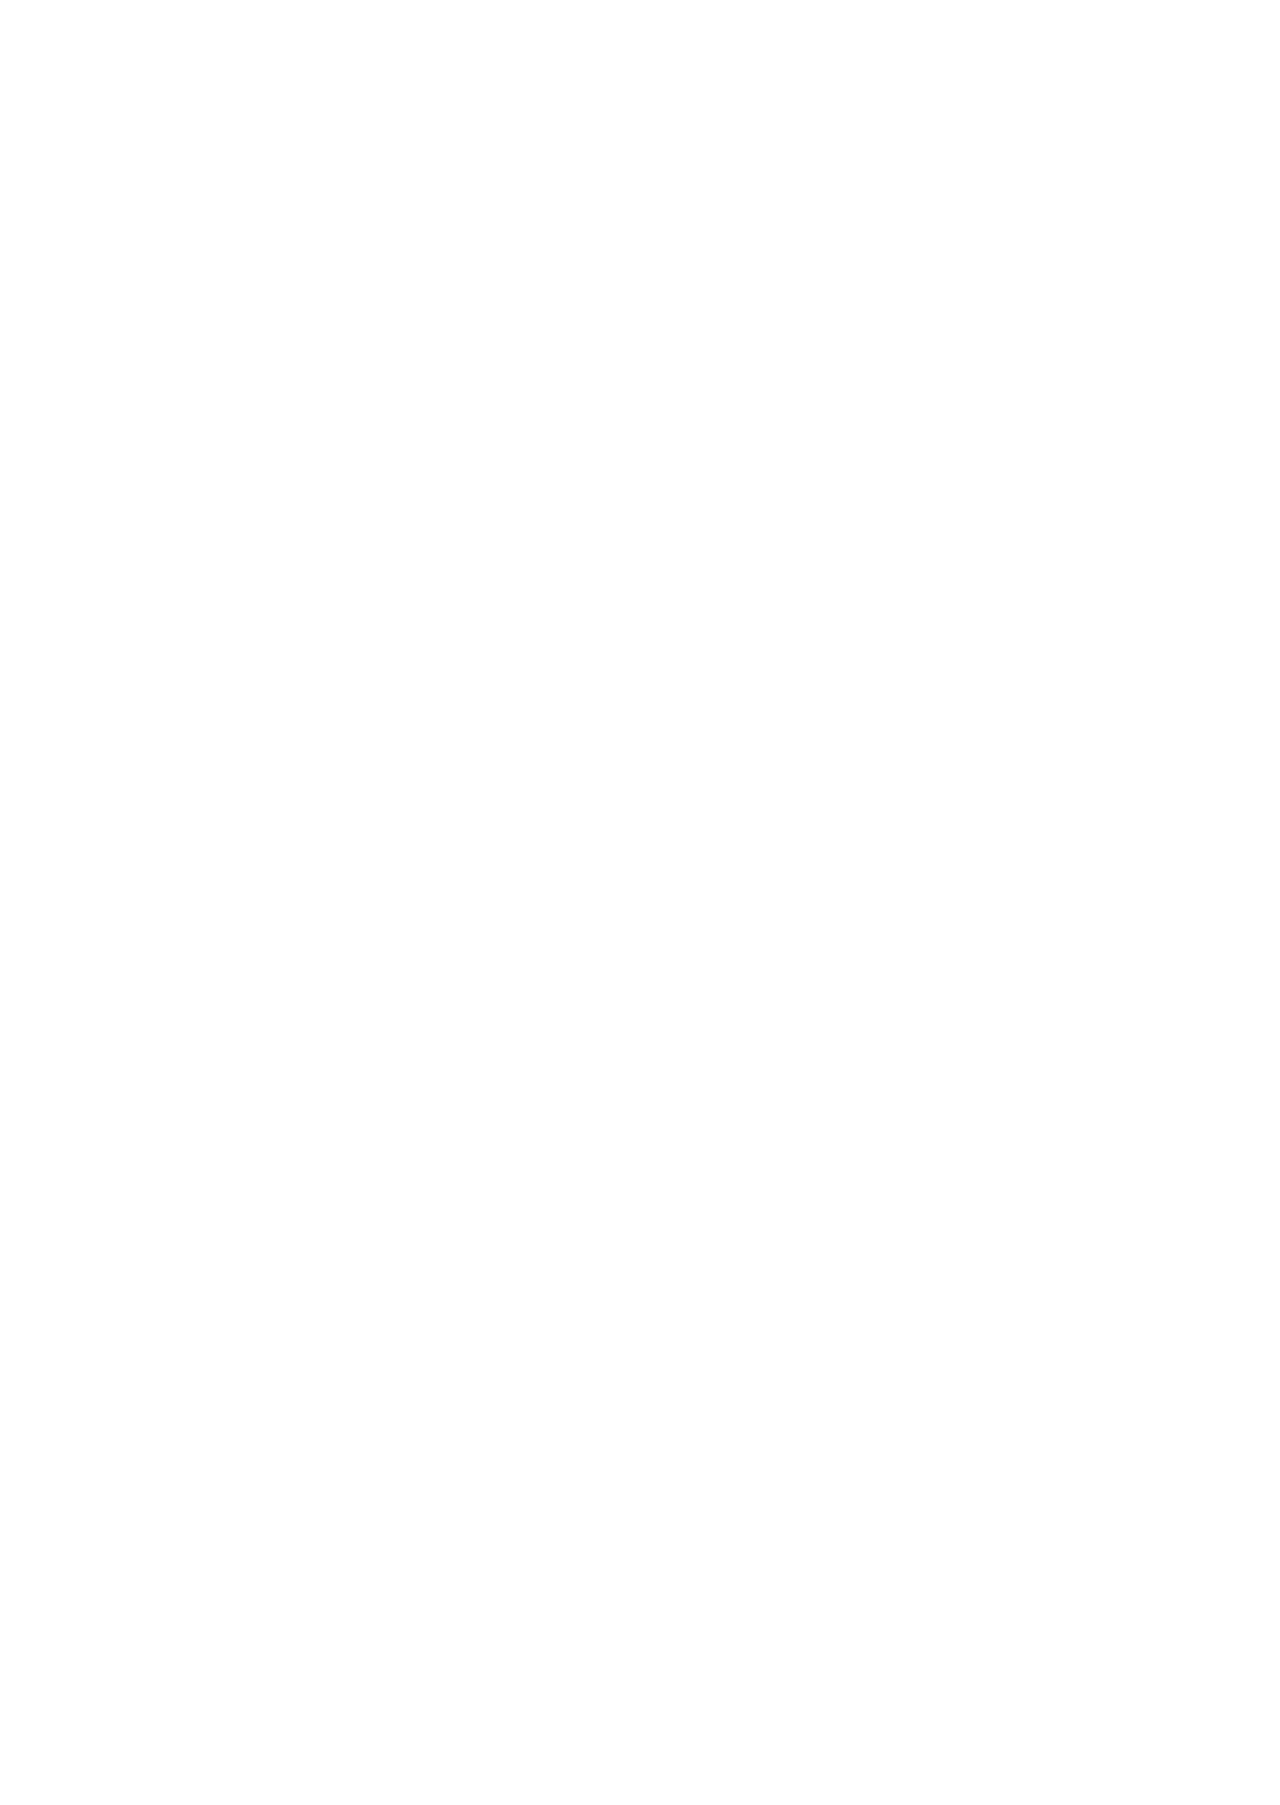 [Hutoshi Nyuugyou (Hutoshi)] Alicia-mama to Himitsu no Seikatsu | Alicia-mama's Hidden Life (Granblue Fantasy) [Digital] [English] [Darg777] 14